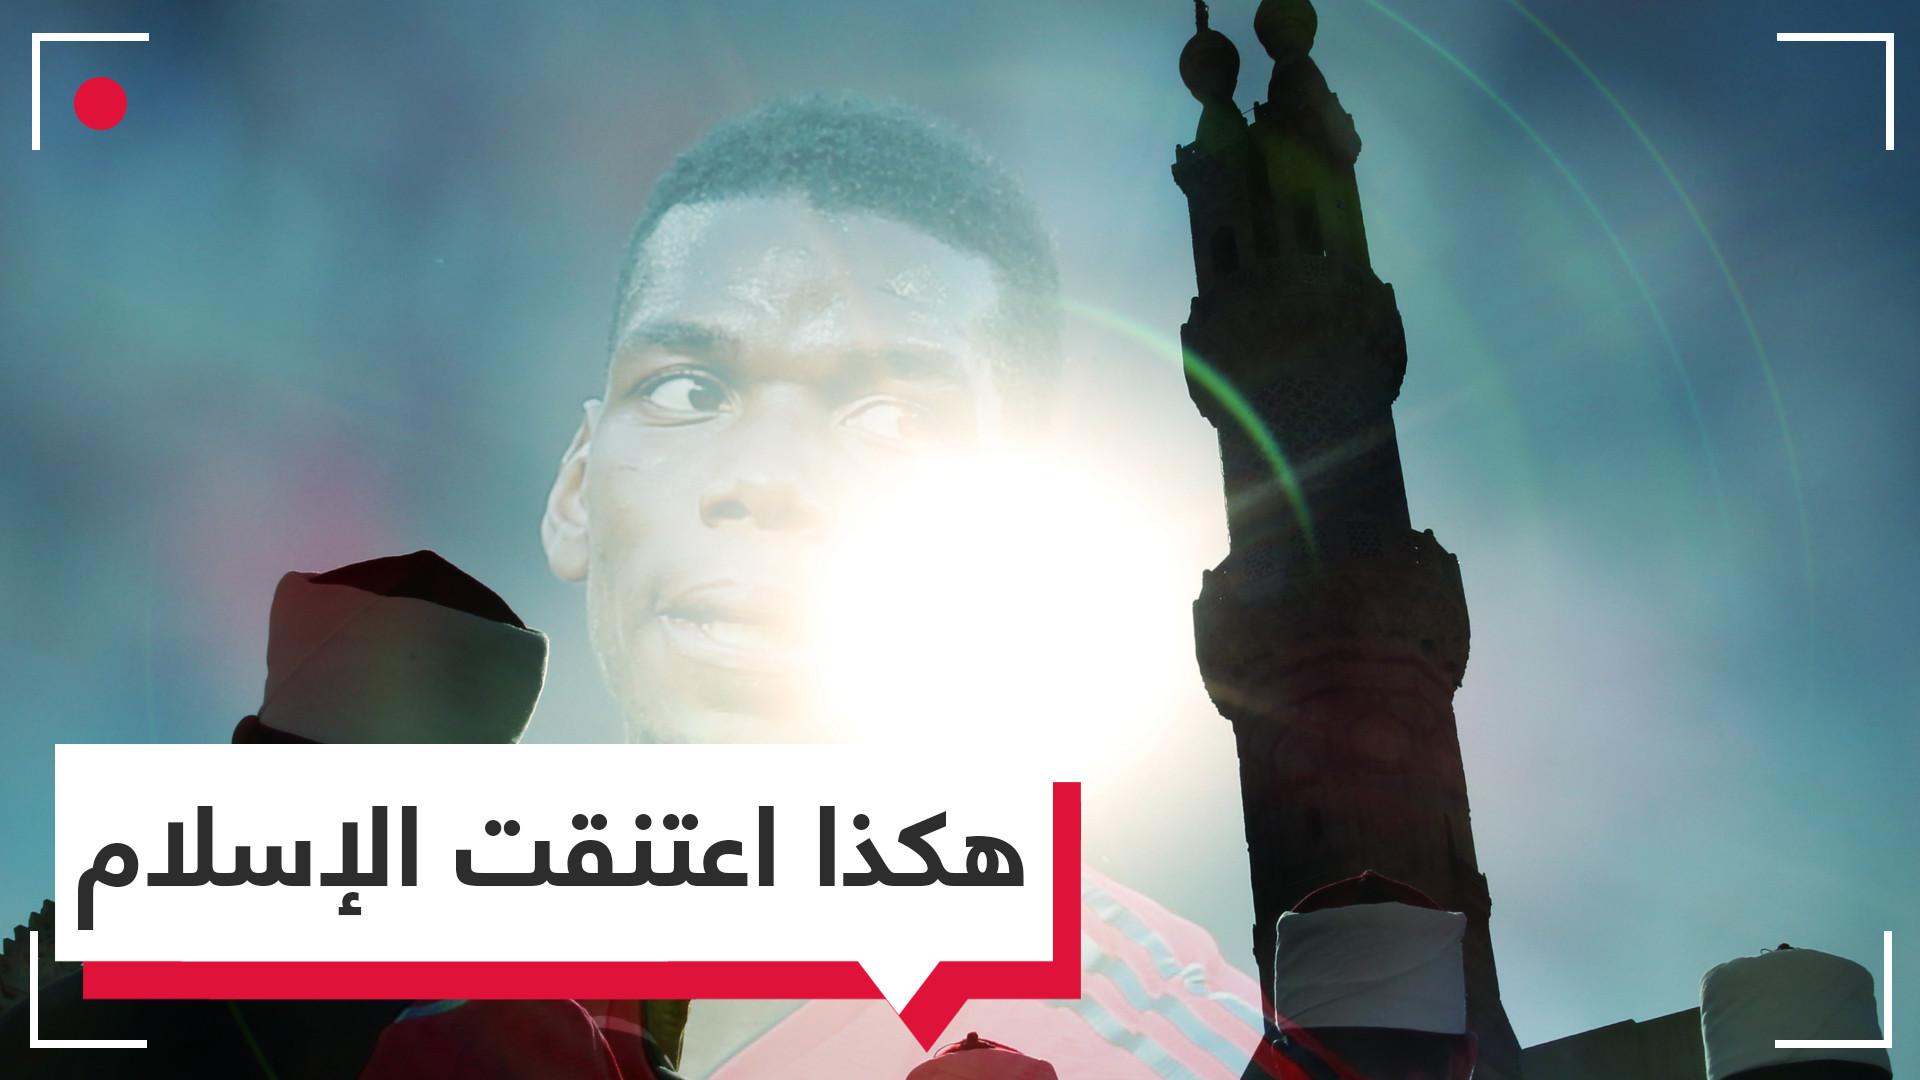 النجم الفرنسي بول بوغبا يحكي لأول مرة قصة اعتناقه الإسلام.. ماذا قاله؟